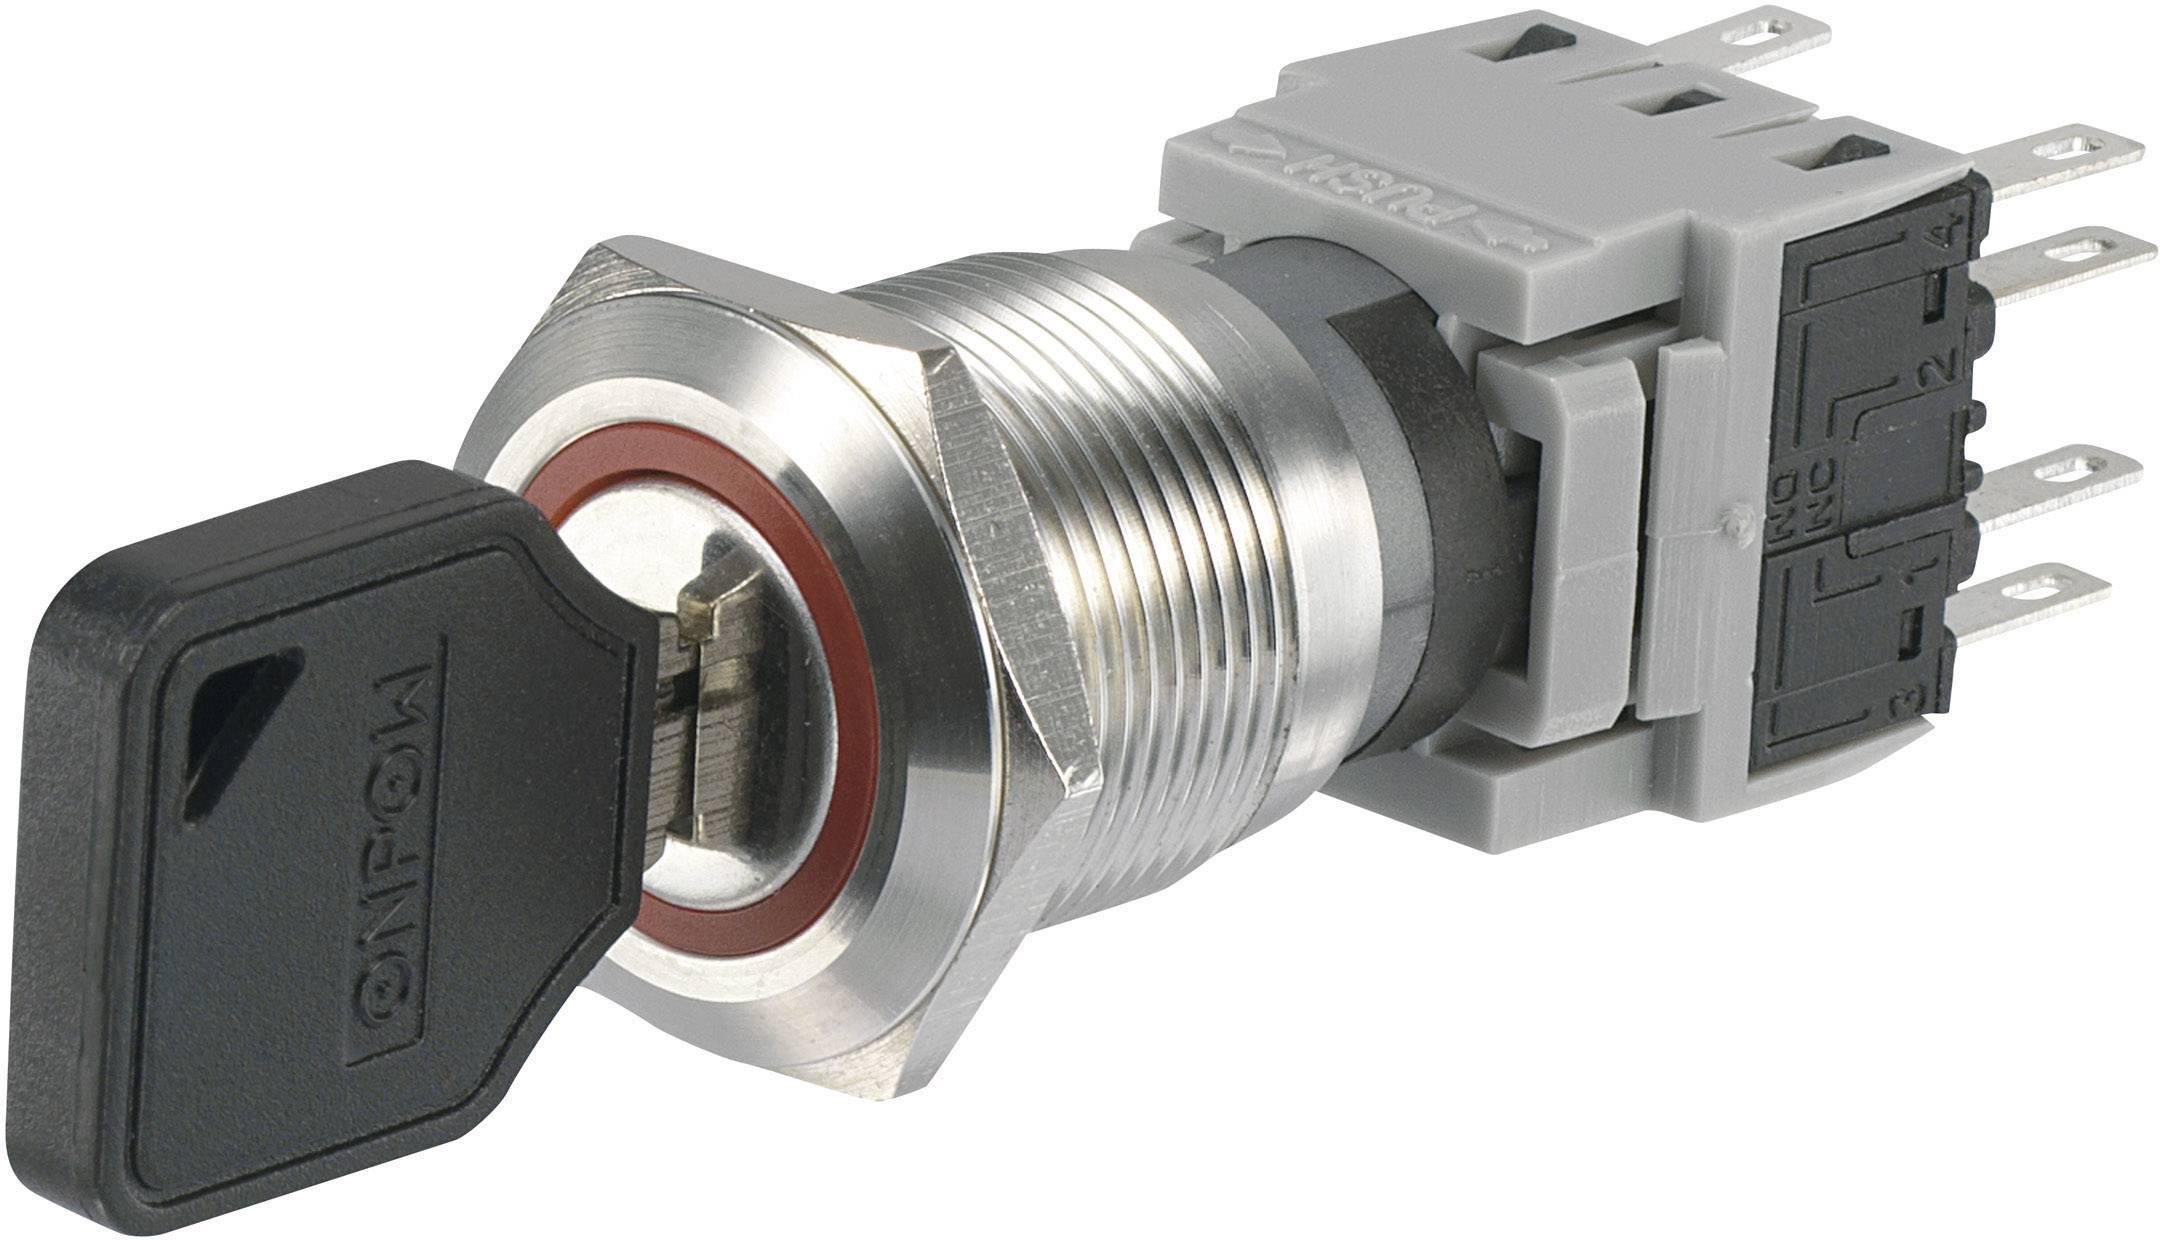 Kľúčový spínač TRU COMPONENTS LAS1-BGQ-22Y/31 704424, 250 V/AC, 5 A, 2x zap/vyp/zap, 2 x 90 °, IP40, 1 ks